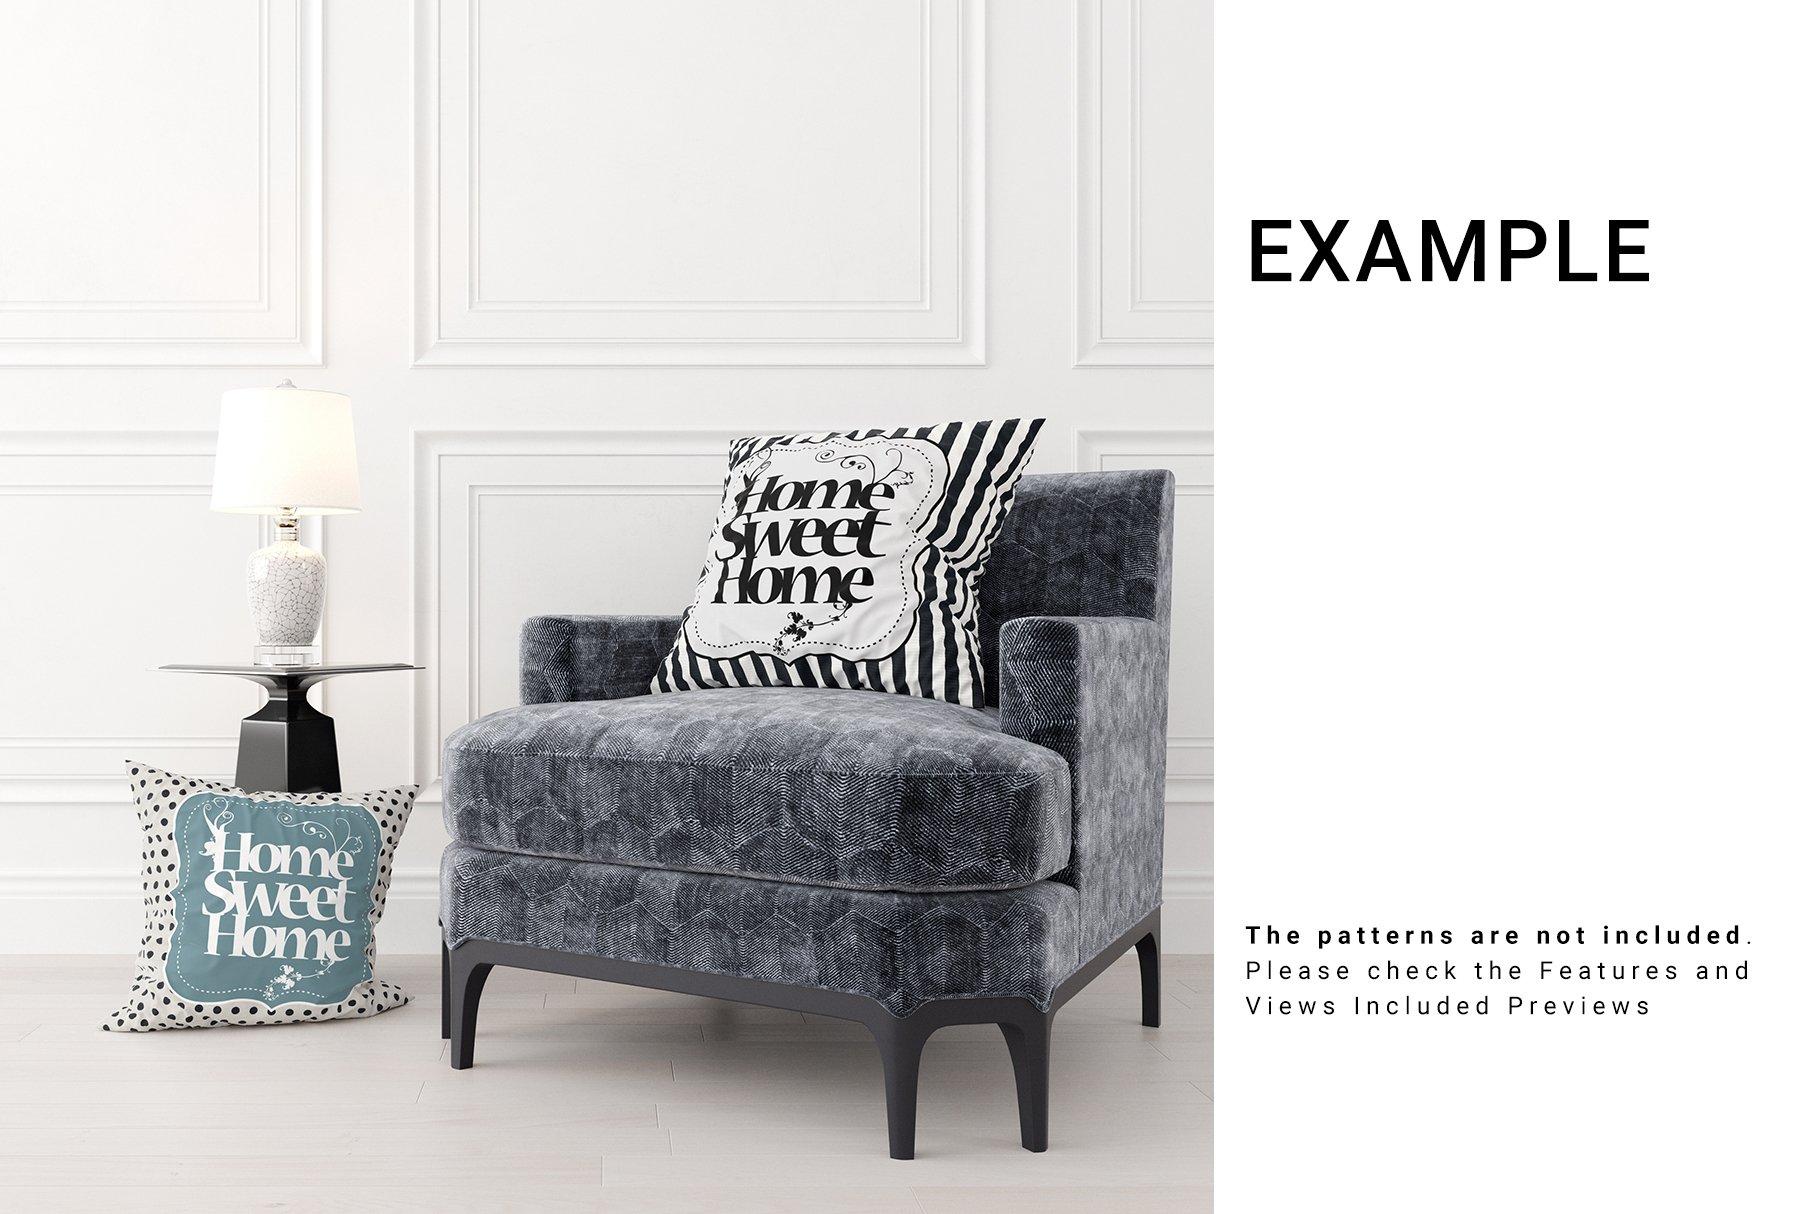 Luxury Interior Throw Pillows Set example image 12